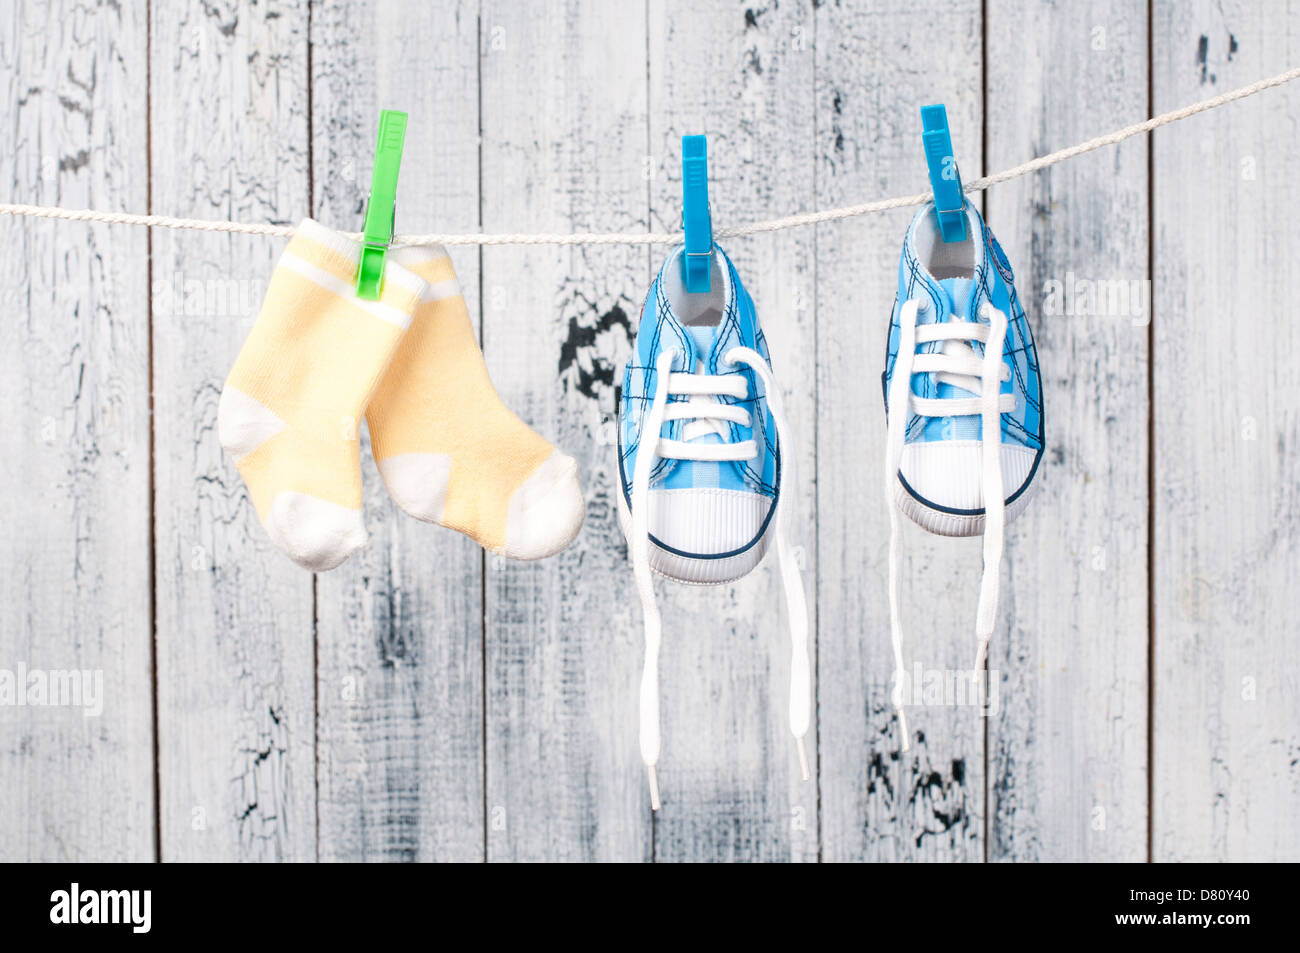 Ropa de bebé colgando en el tendedero. Imagen De Stock